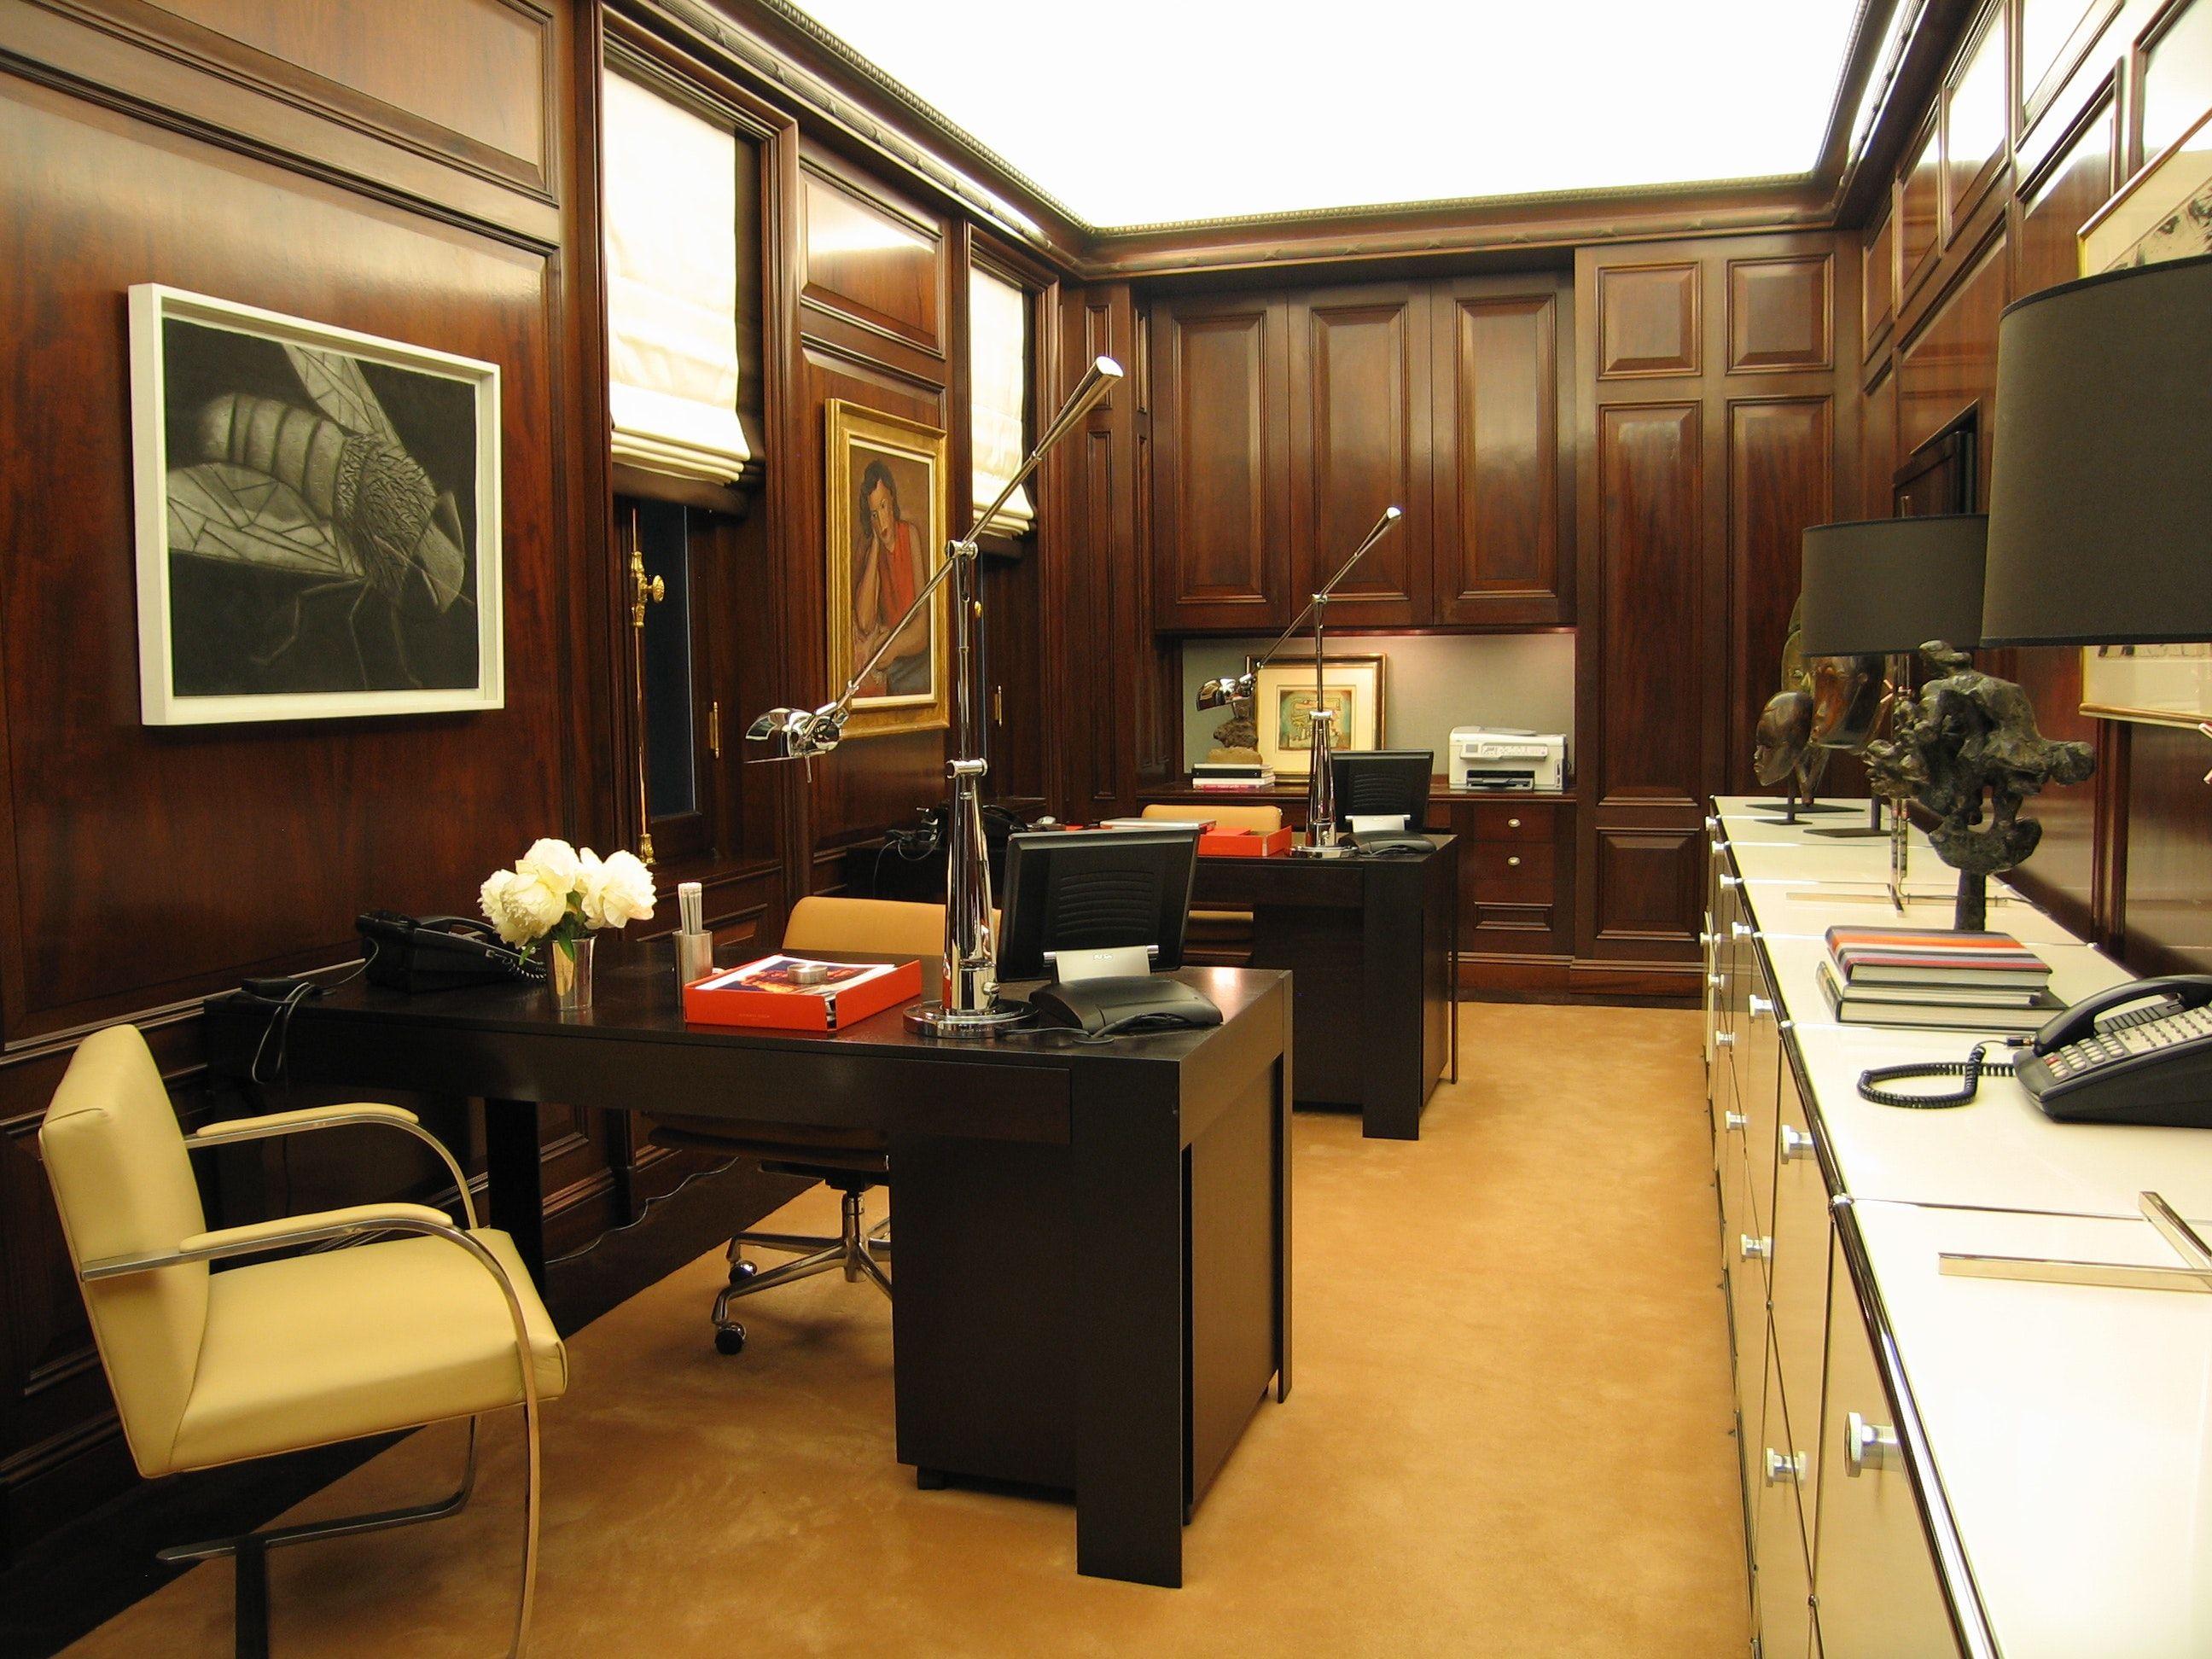 home office shared desk idea modern. Wood-Paneled Home Office With Modern Fixtures Shared Desk Idea